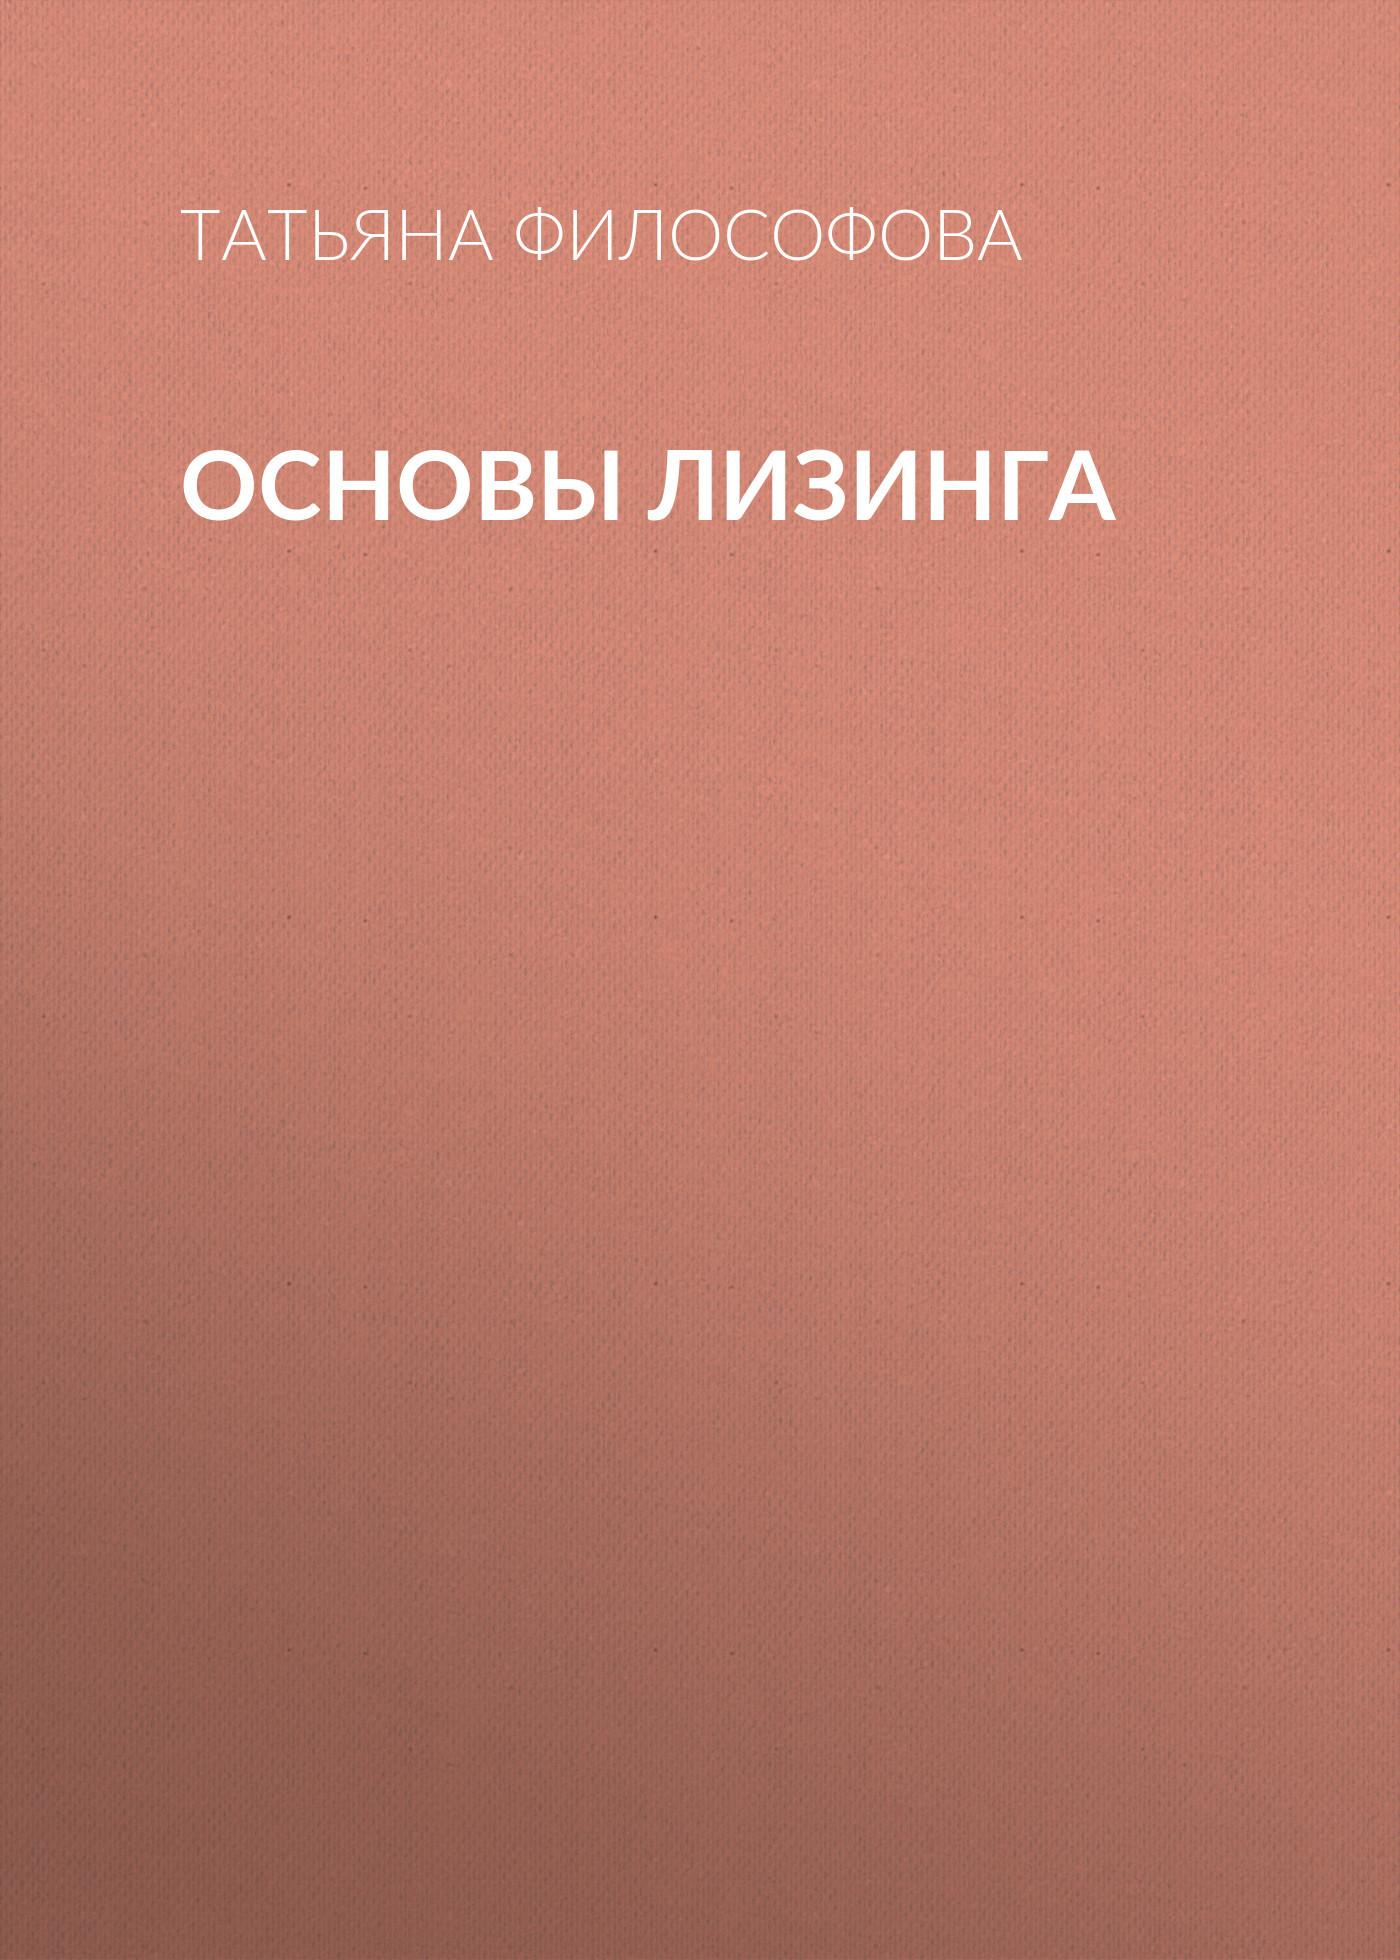 Татьяна Философова бесплатно